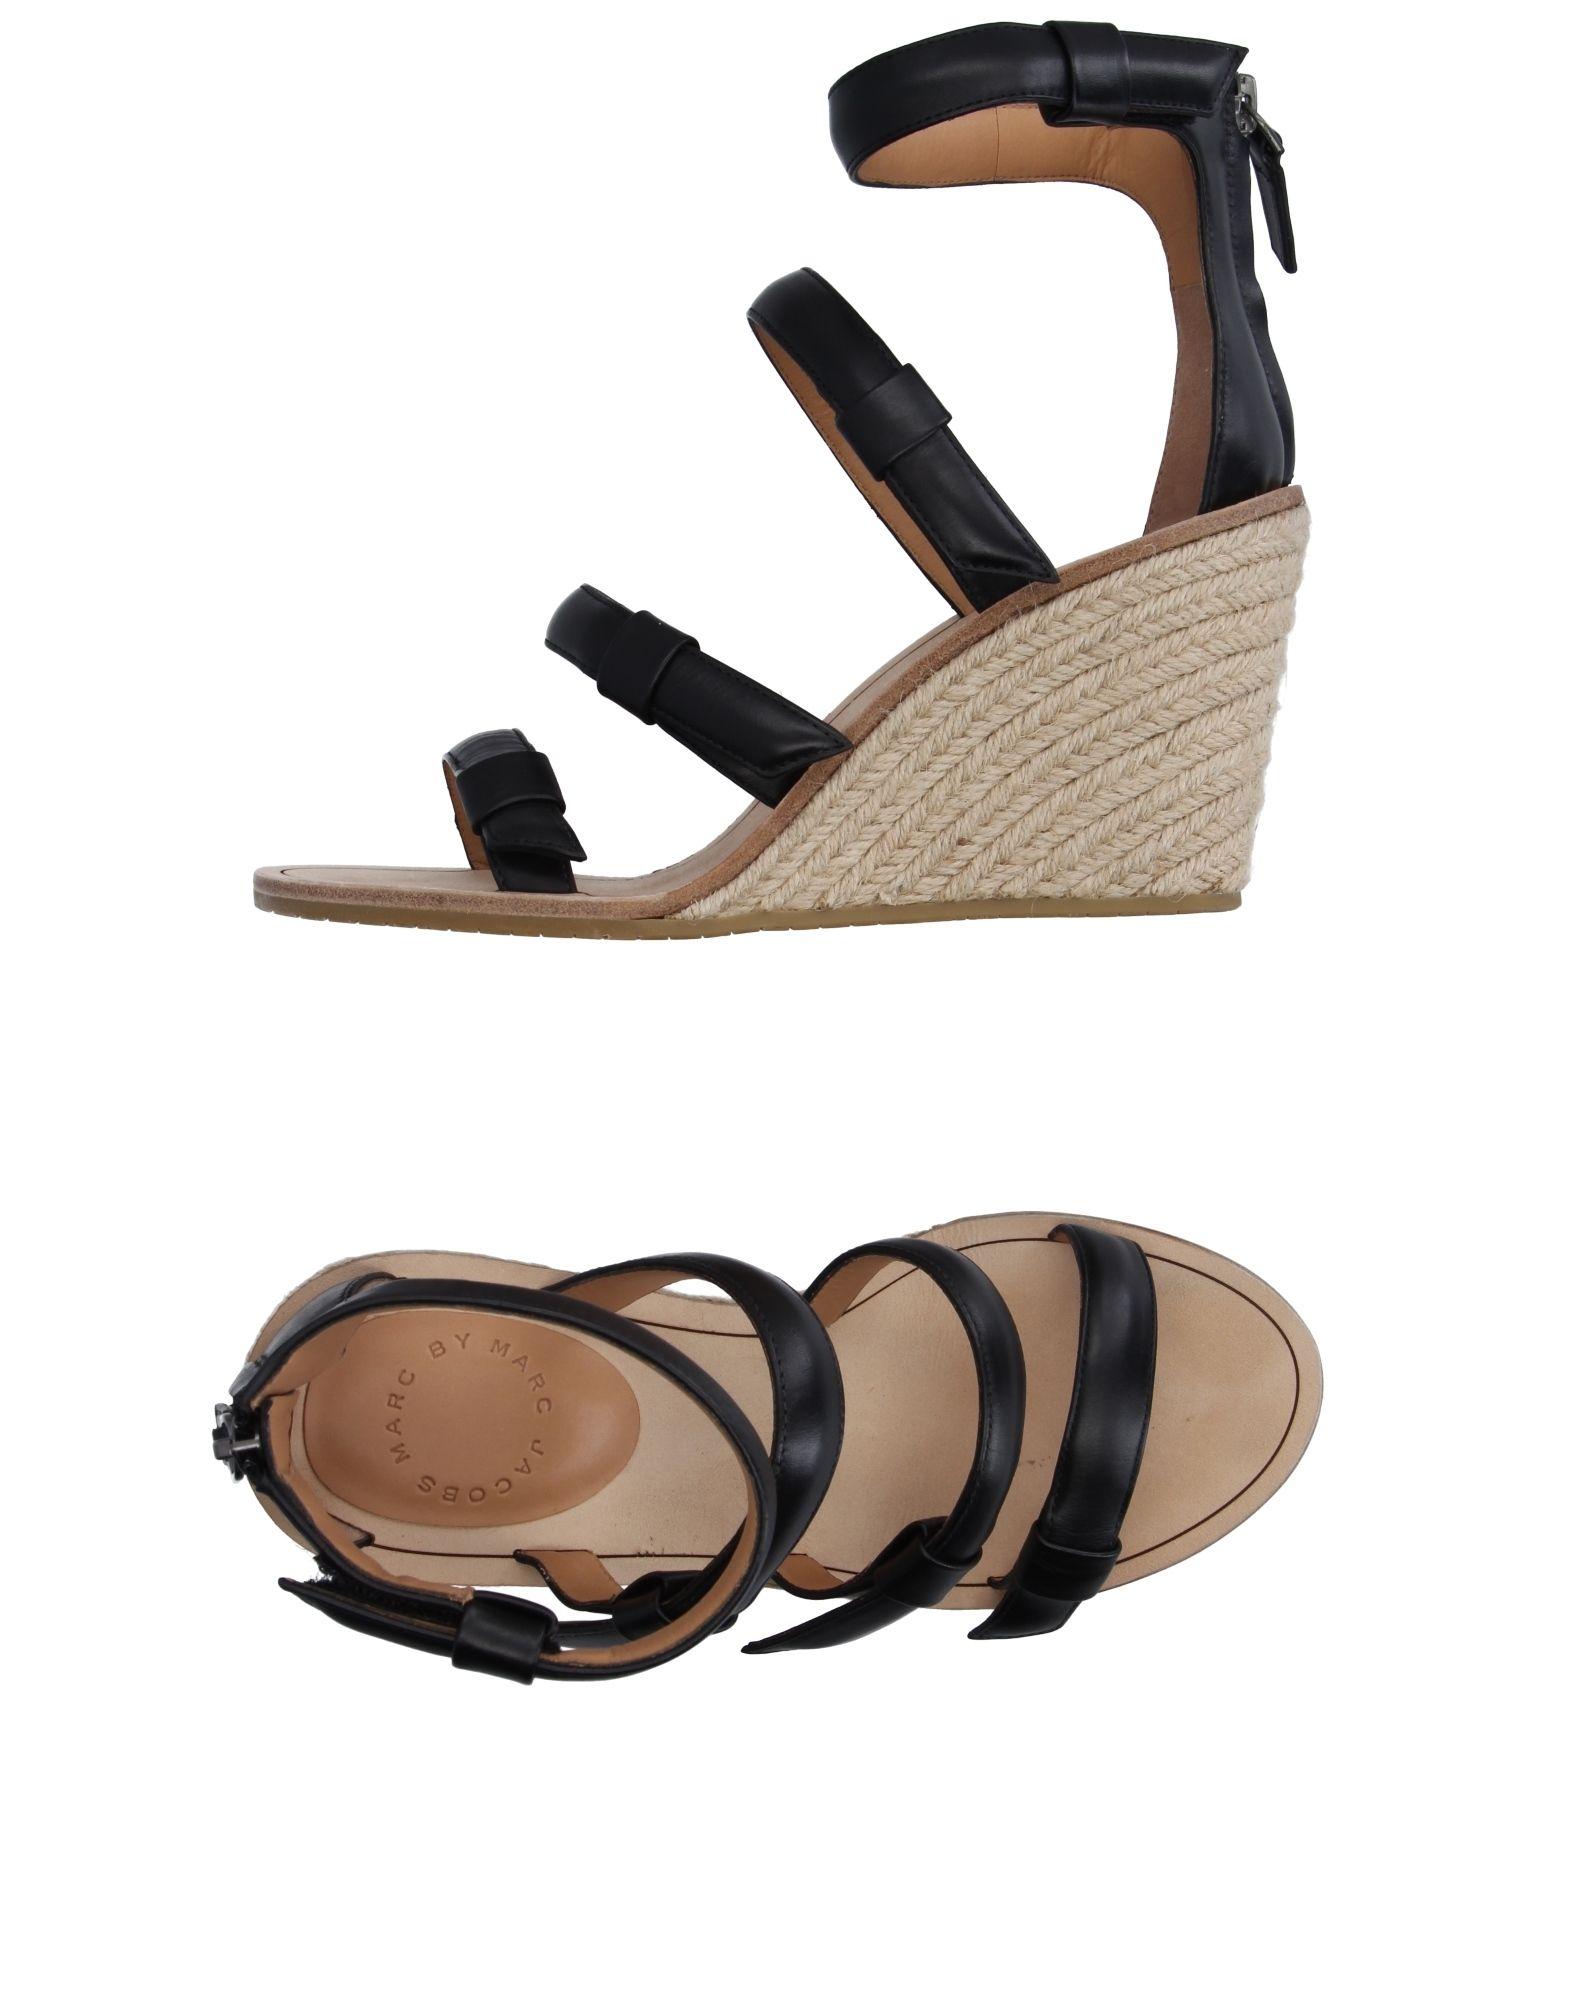 Rabatt Schuhe Marc By Marc Jacobs Espadrilles Damen  11116981CQ